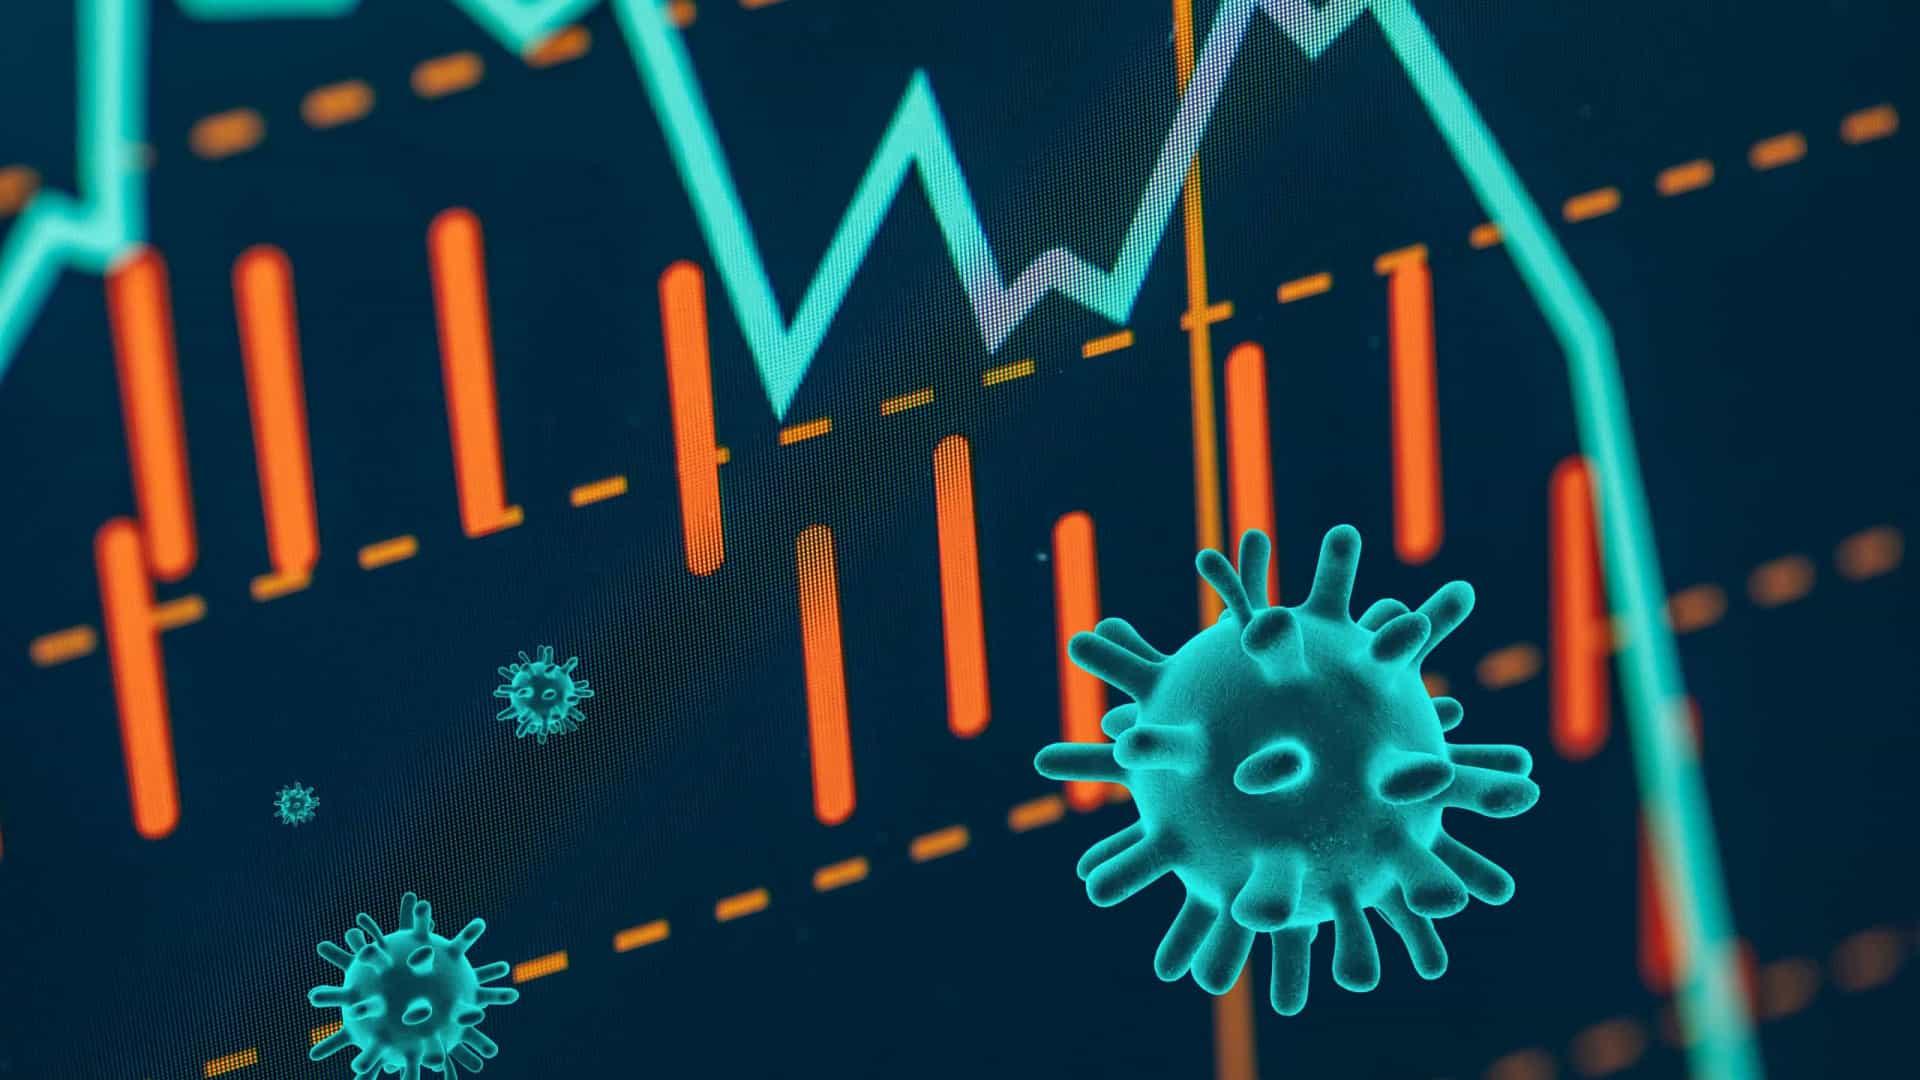 naom 5ec285e801fc4 - Efeitos econômicos da covid-19 serão sentidos muito além de 2020